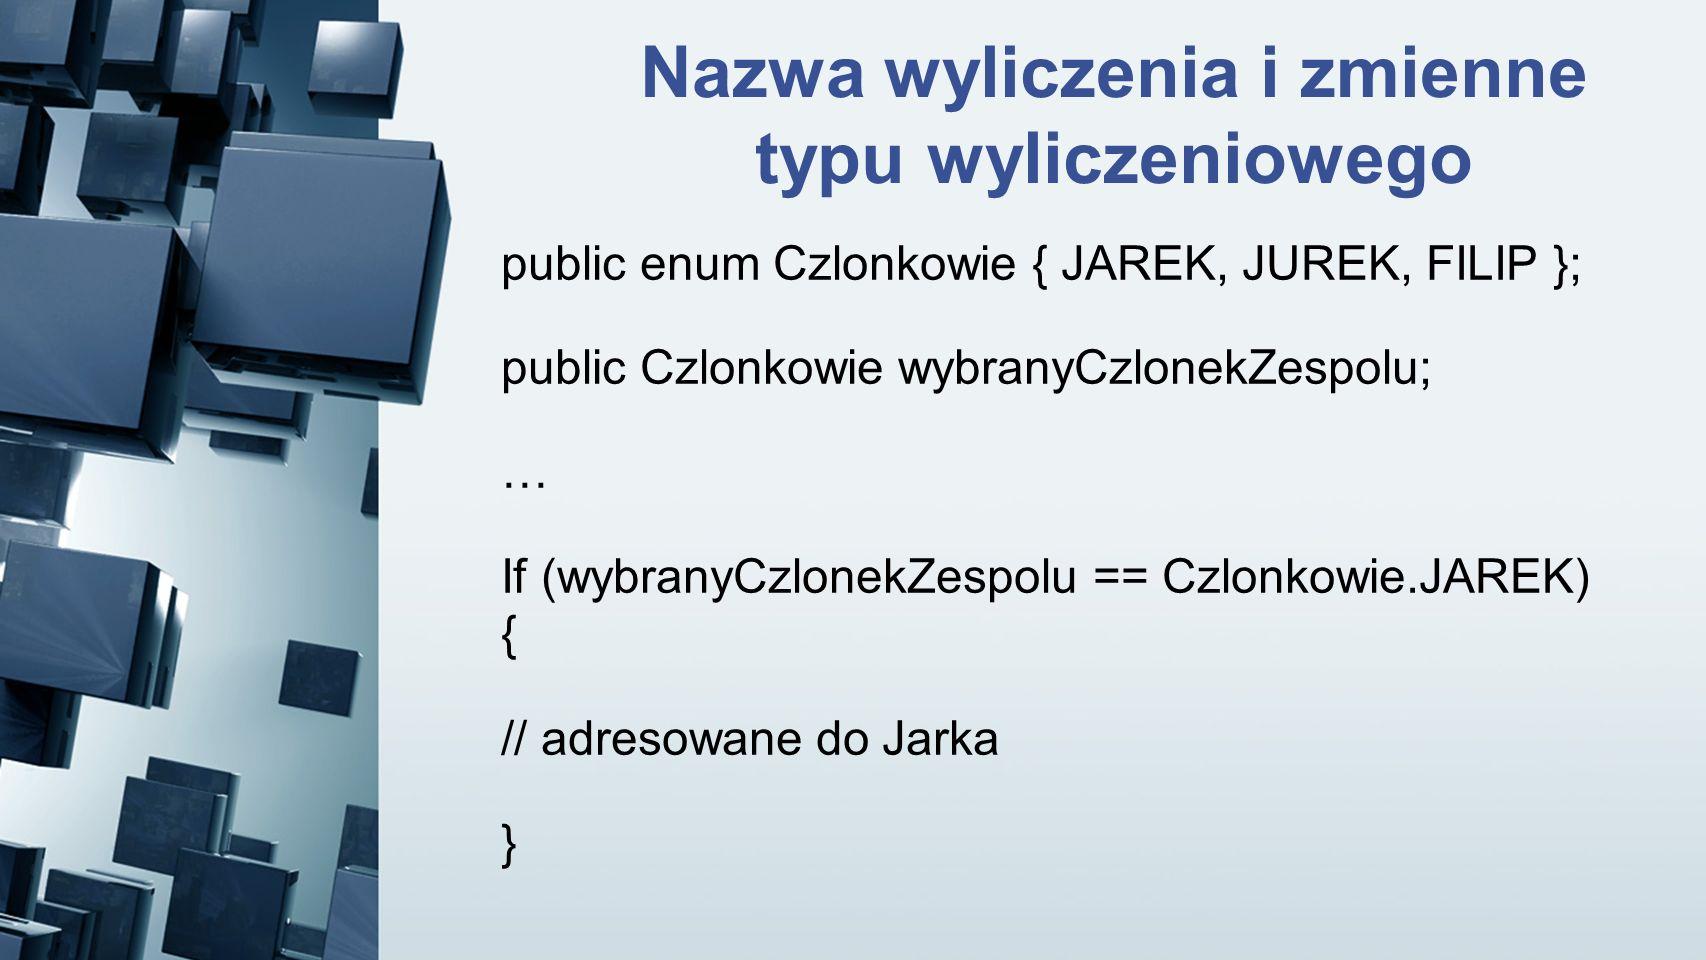 Nazwa wyliczenia i zmienne typu wyliczeniowego public enum Czlonkowie { JAREK, JUREK, FILIP }; public Czlonkowie wybranyCzlonekZespolu; … If (wybranyC